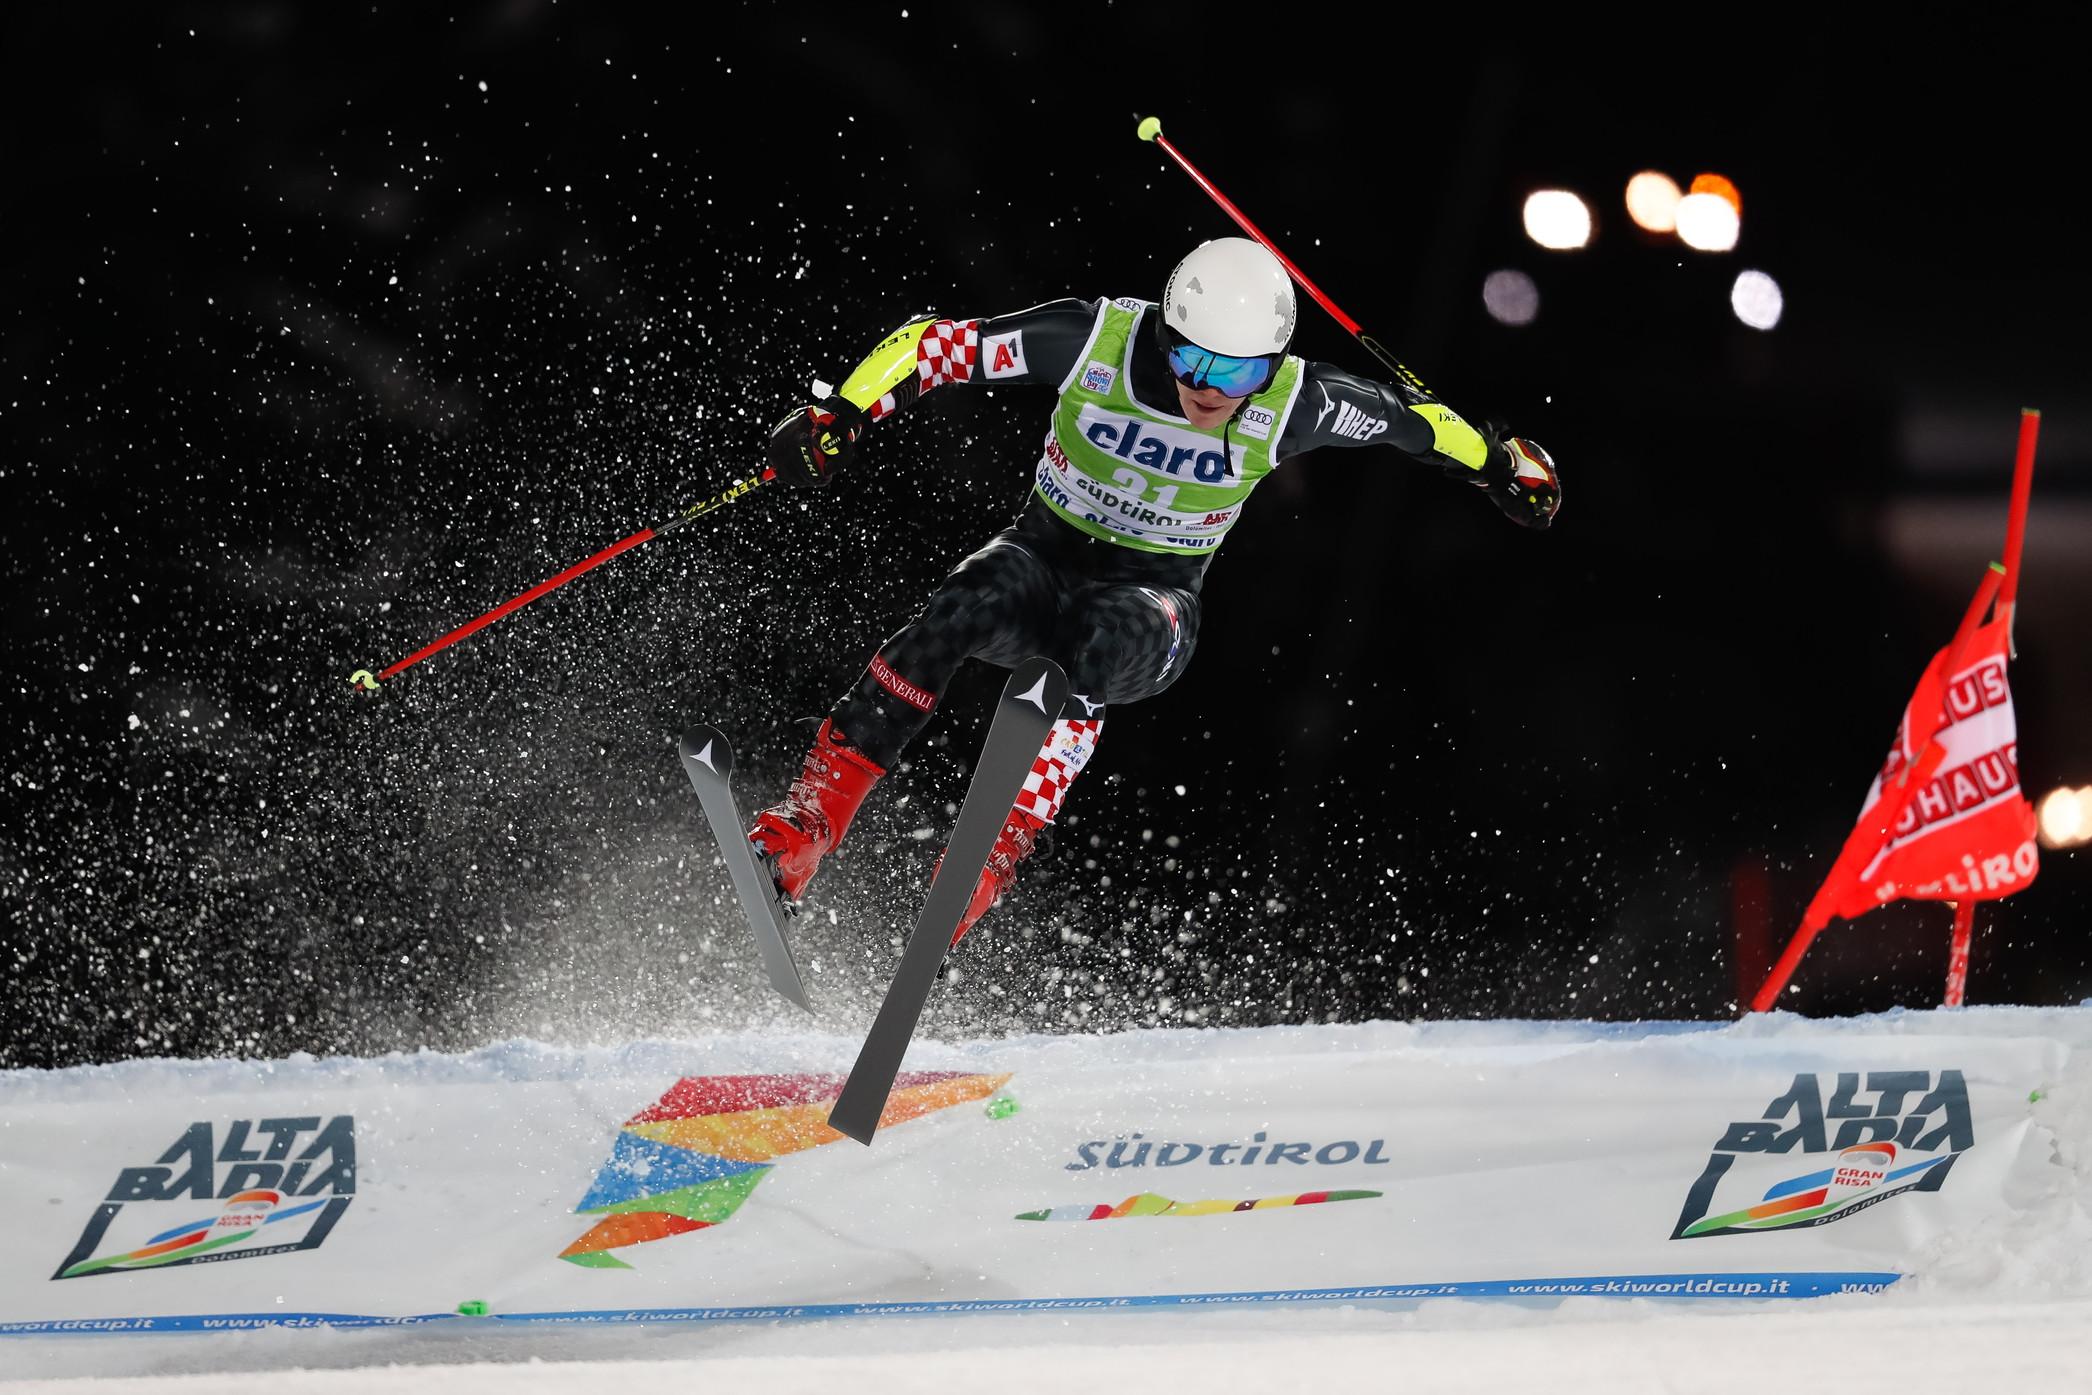 Primo successo in carriera in Coppa del mondo per Rasmus Windingstad. Il norvegese si èimposto nl gigante parallelo maschile sulla Gran Risa dell'Alta Badia, battendo il tedesco Stefan Luitz, mentre l'austriaco Roland Leitingerèsalito sull'ultimo gradino del podio.